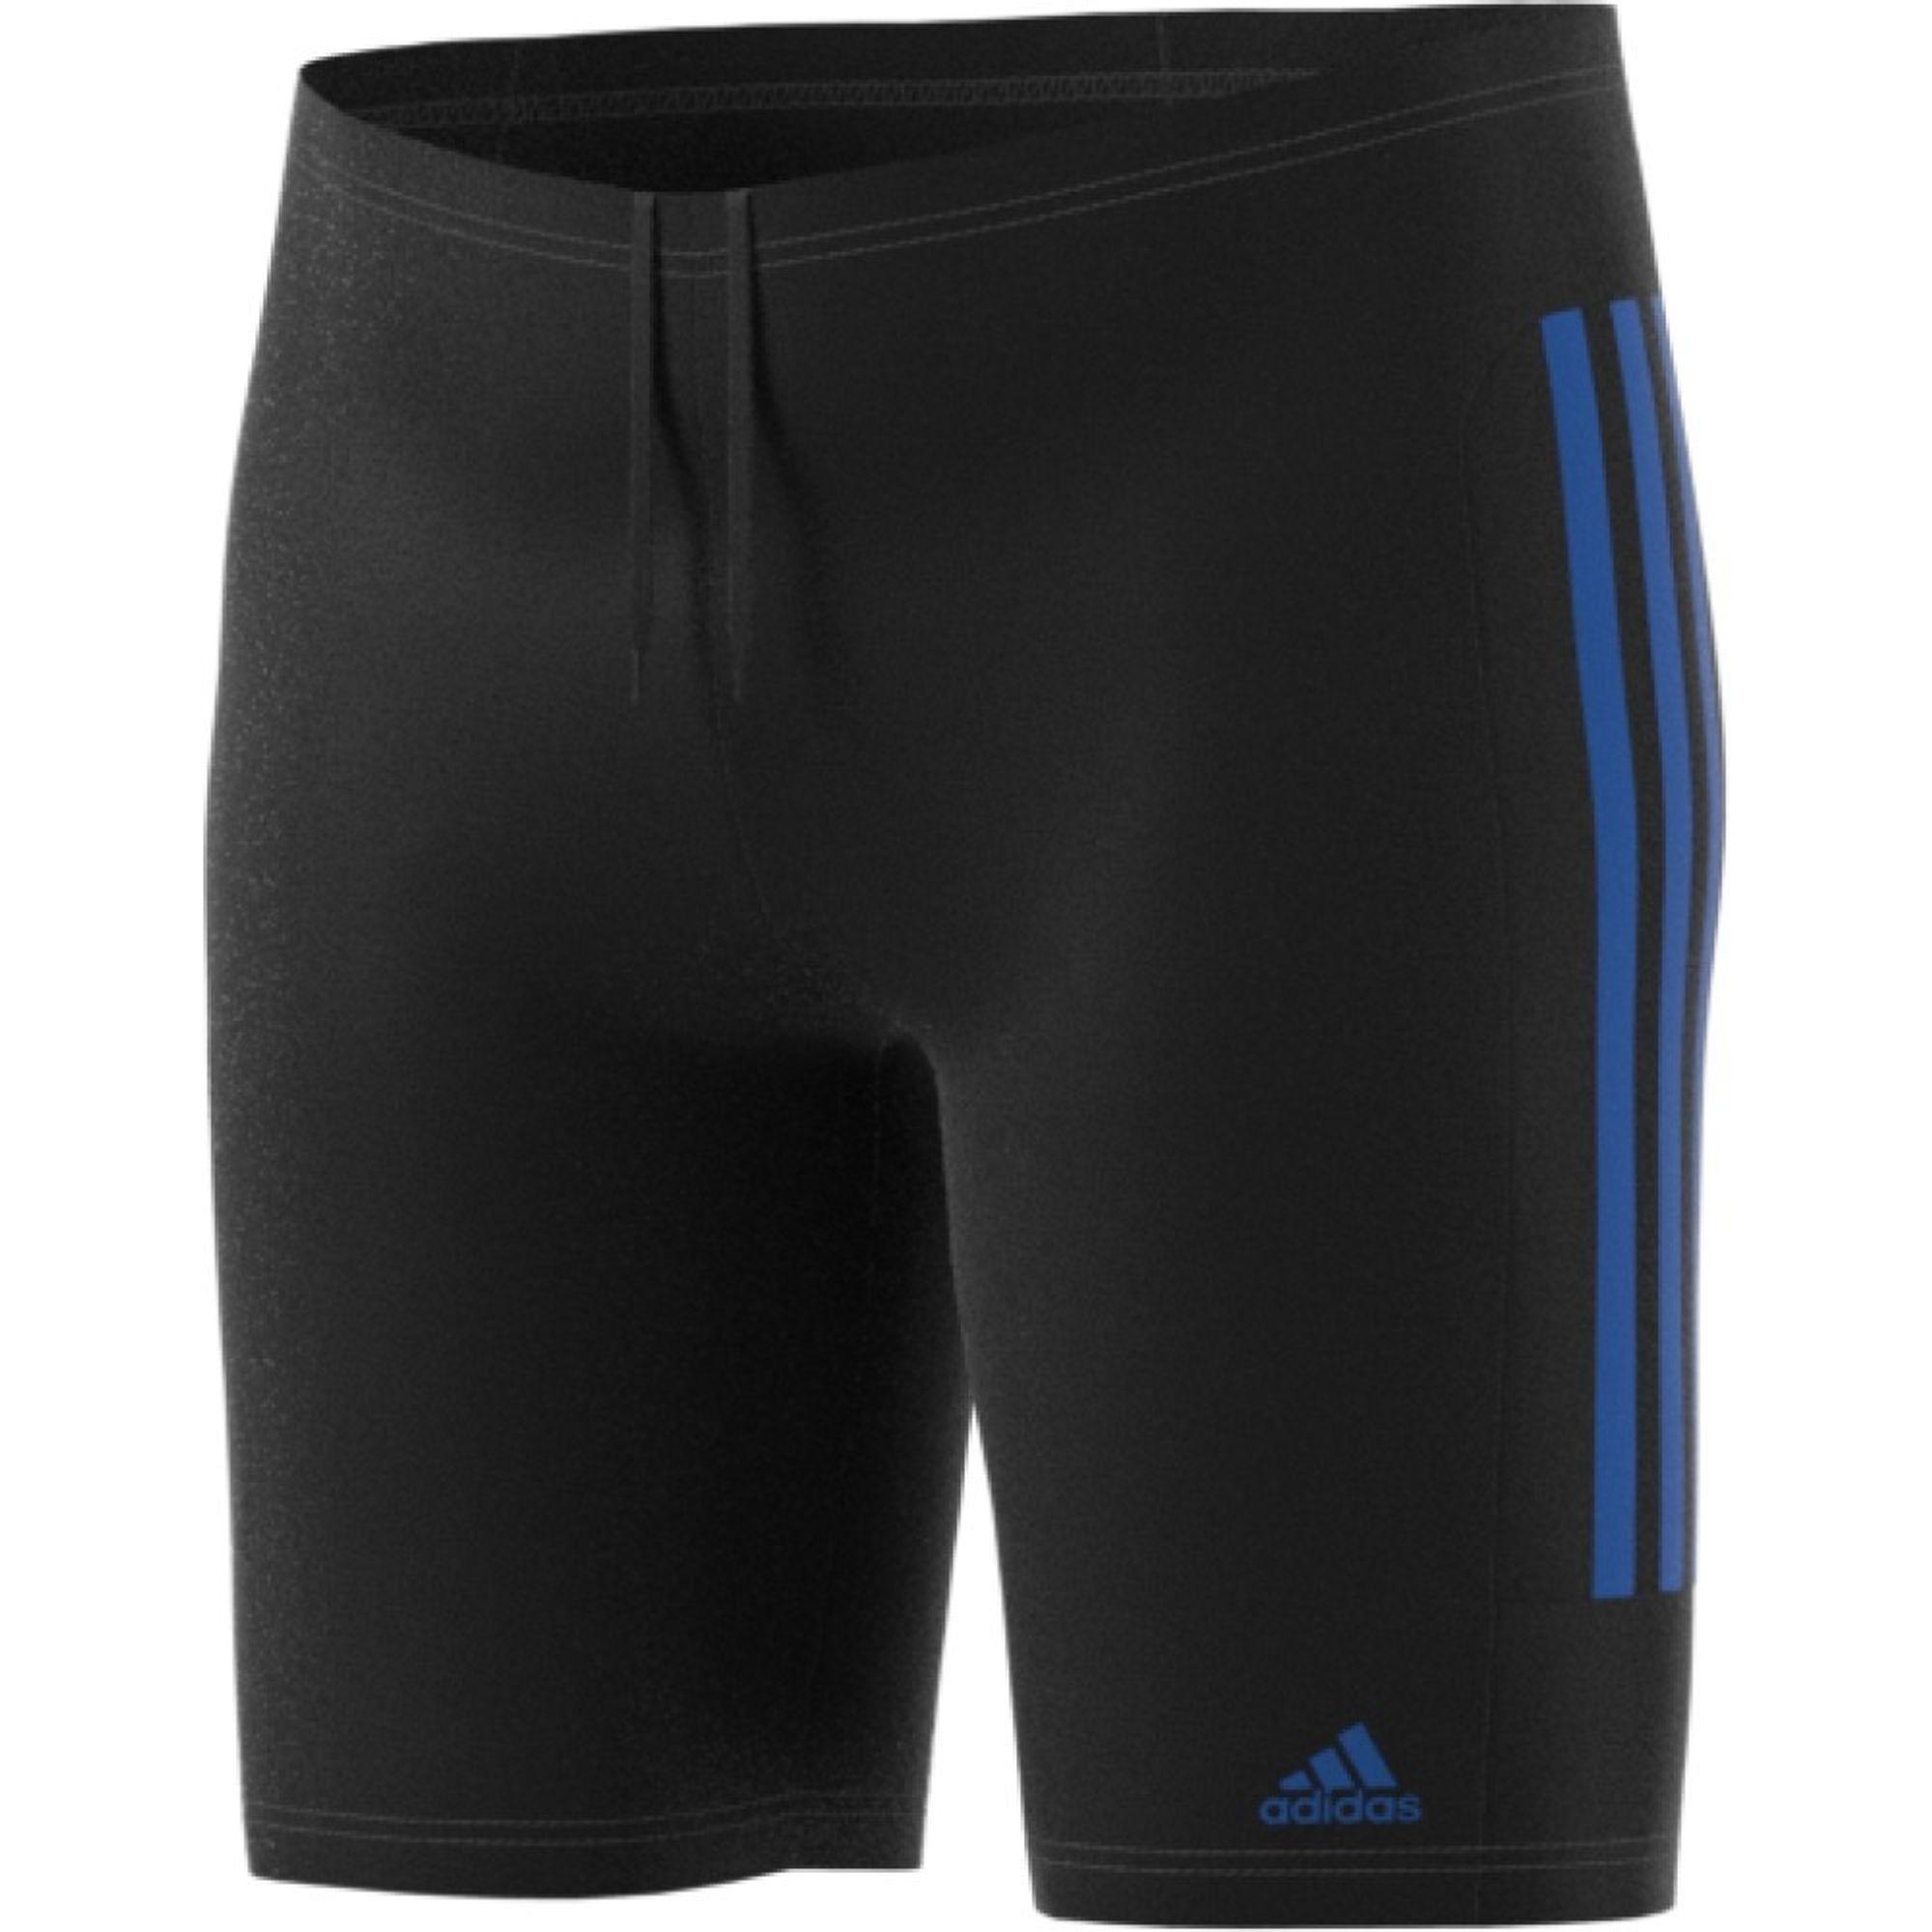 adidas Inf Ec3Sm Llbx - black/blue